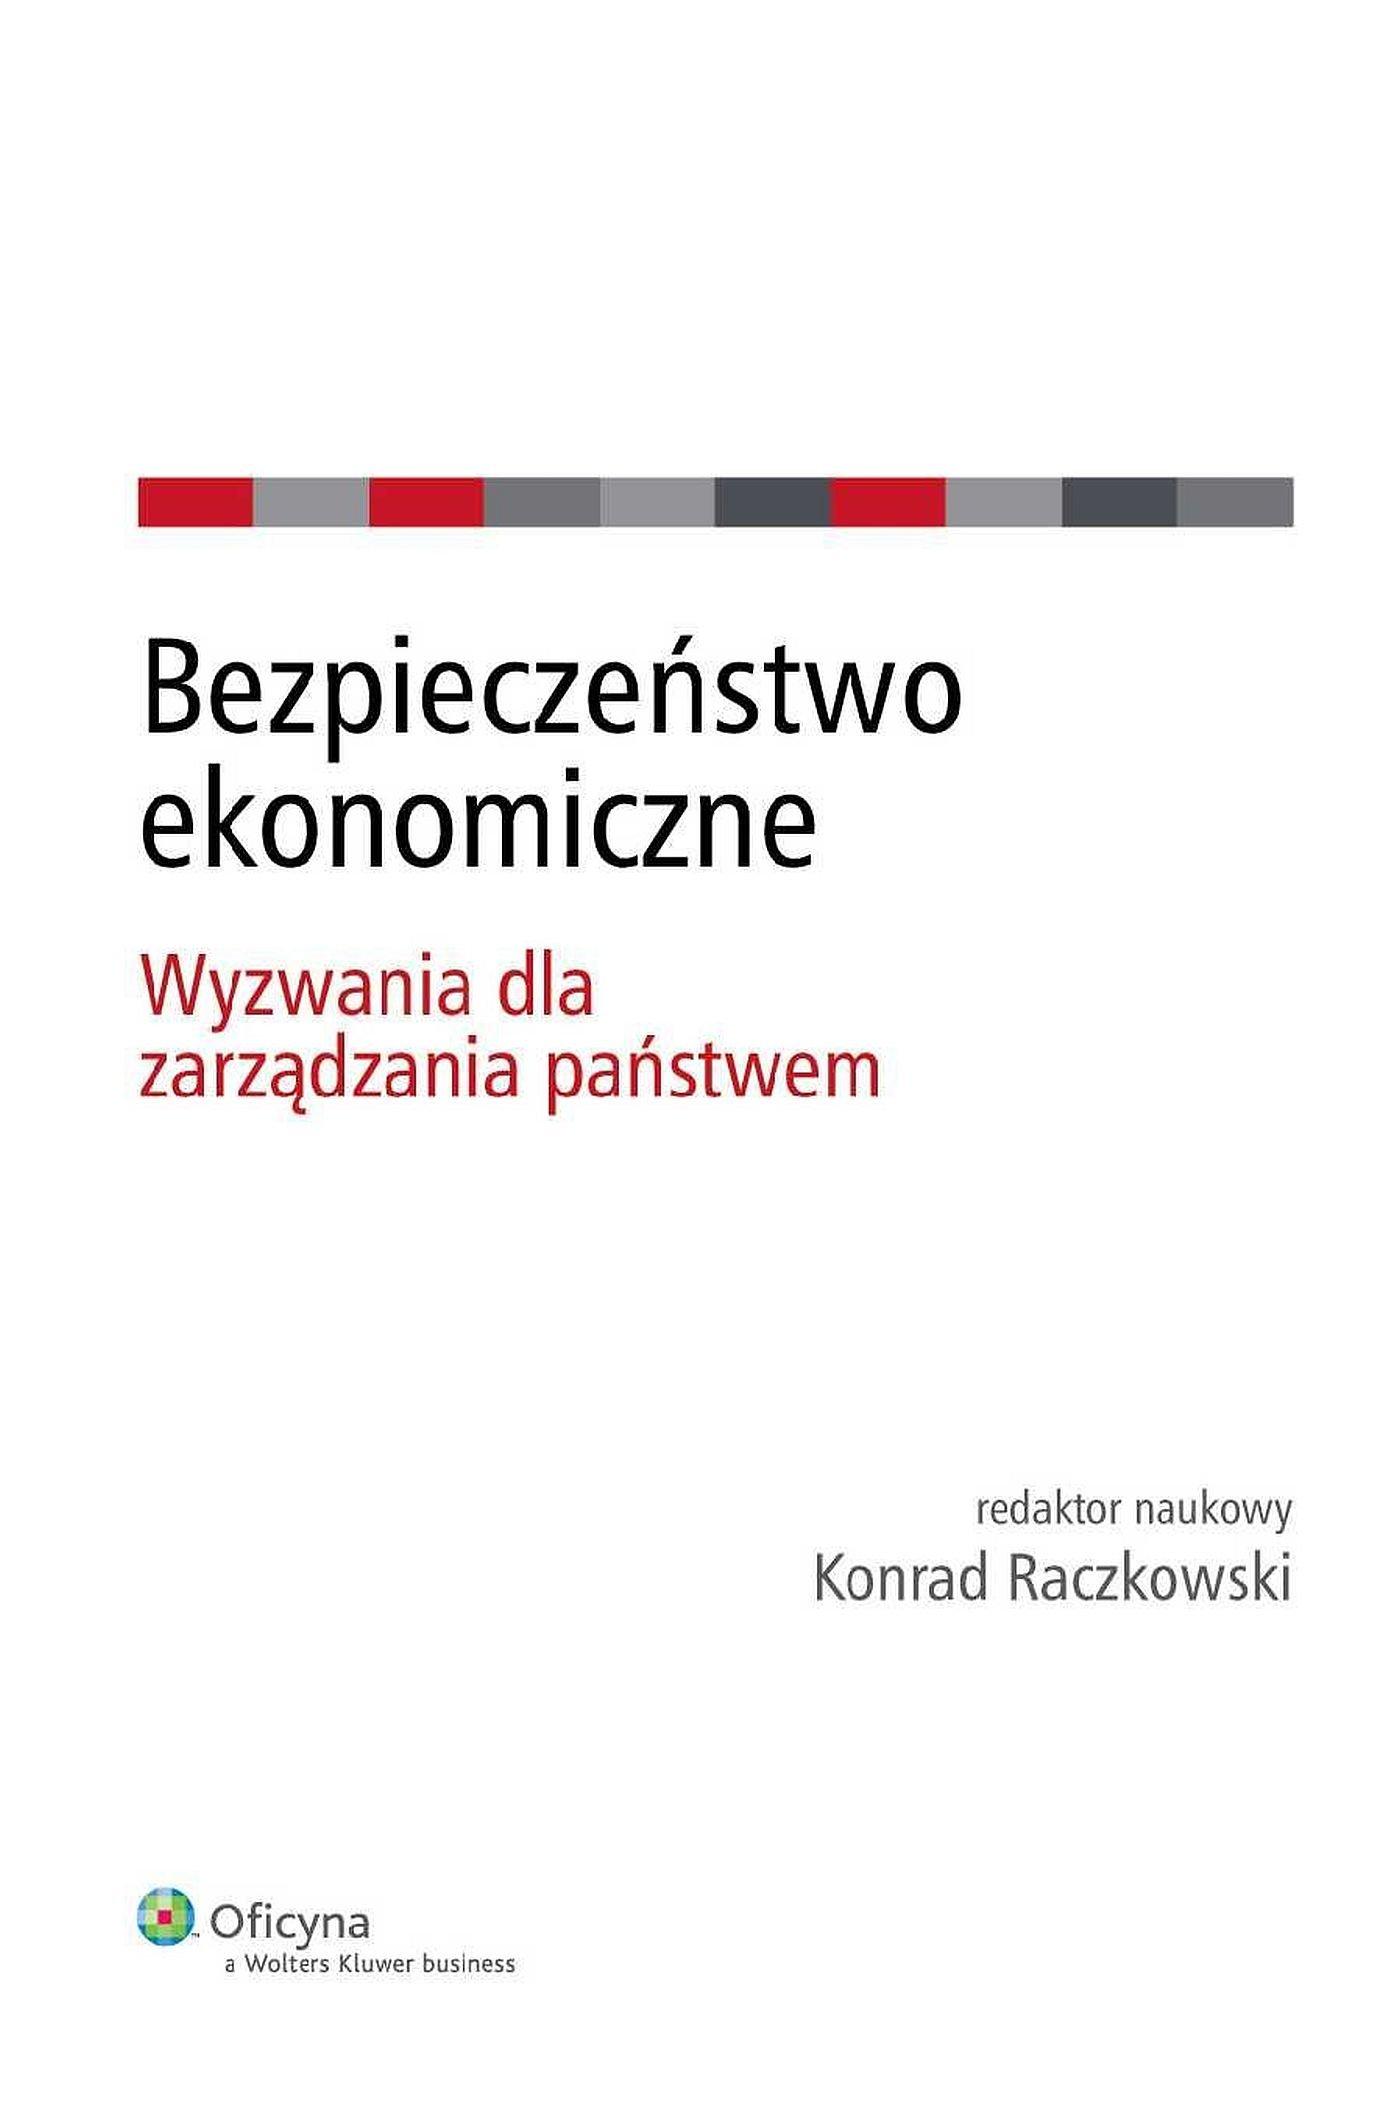 Bezpieczeństwo ekonomiczne. Wyzwania dla zarządzania państwem - Ebook (Książka EPUB) do pobrania w formacie EPUB